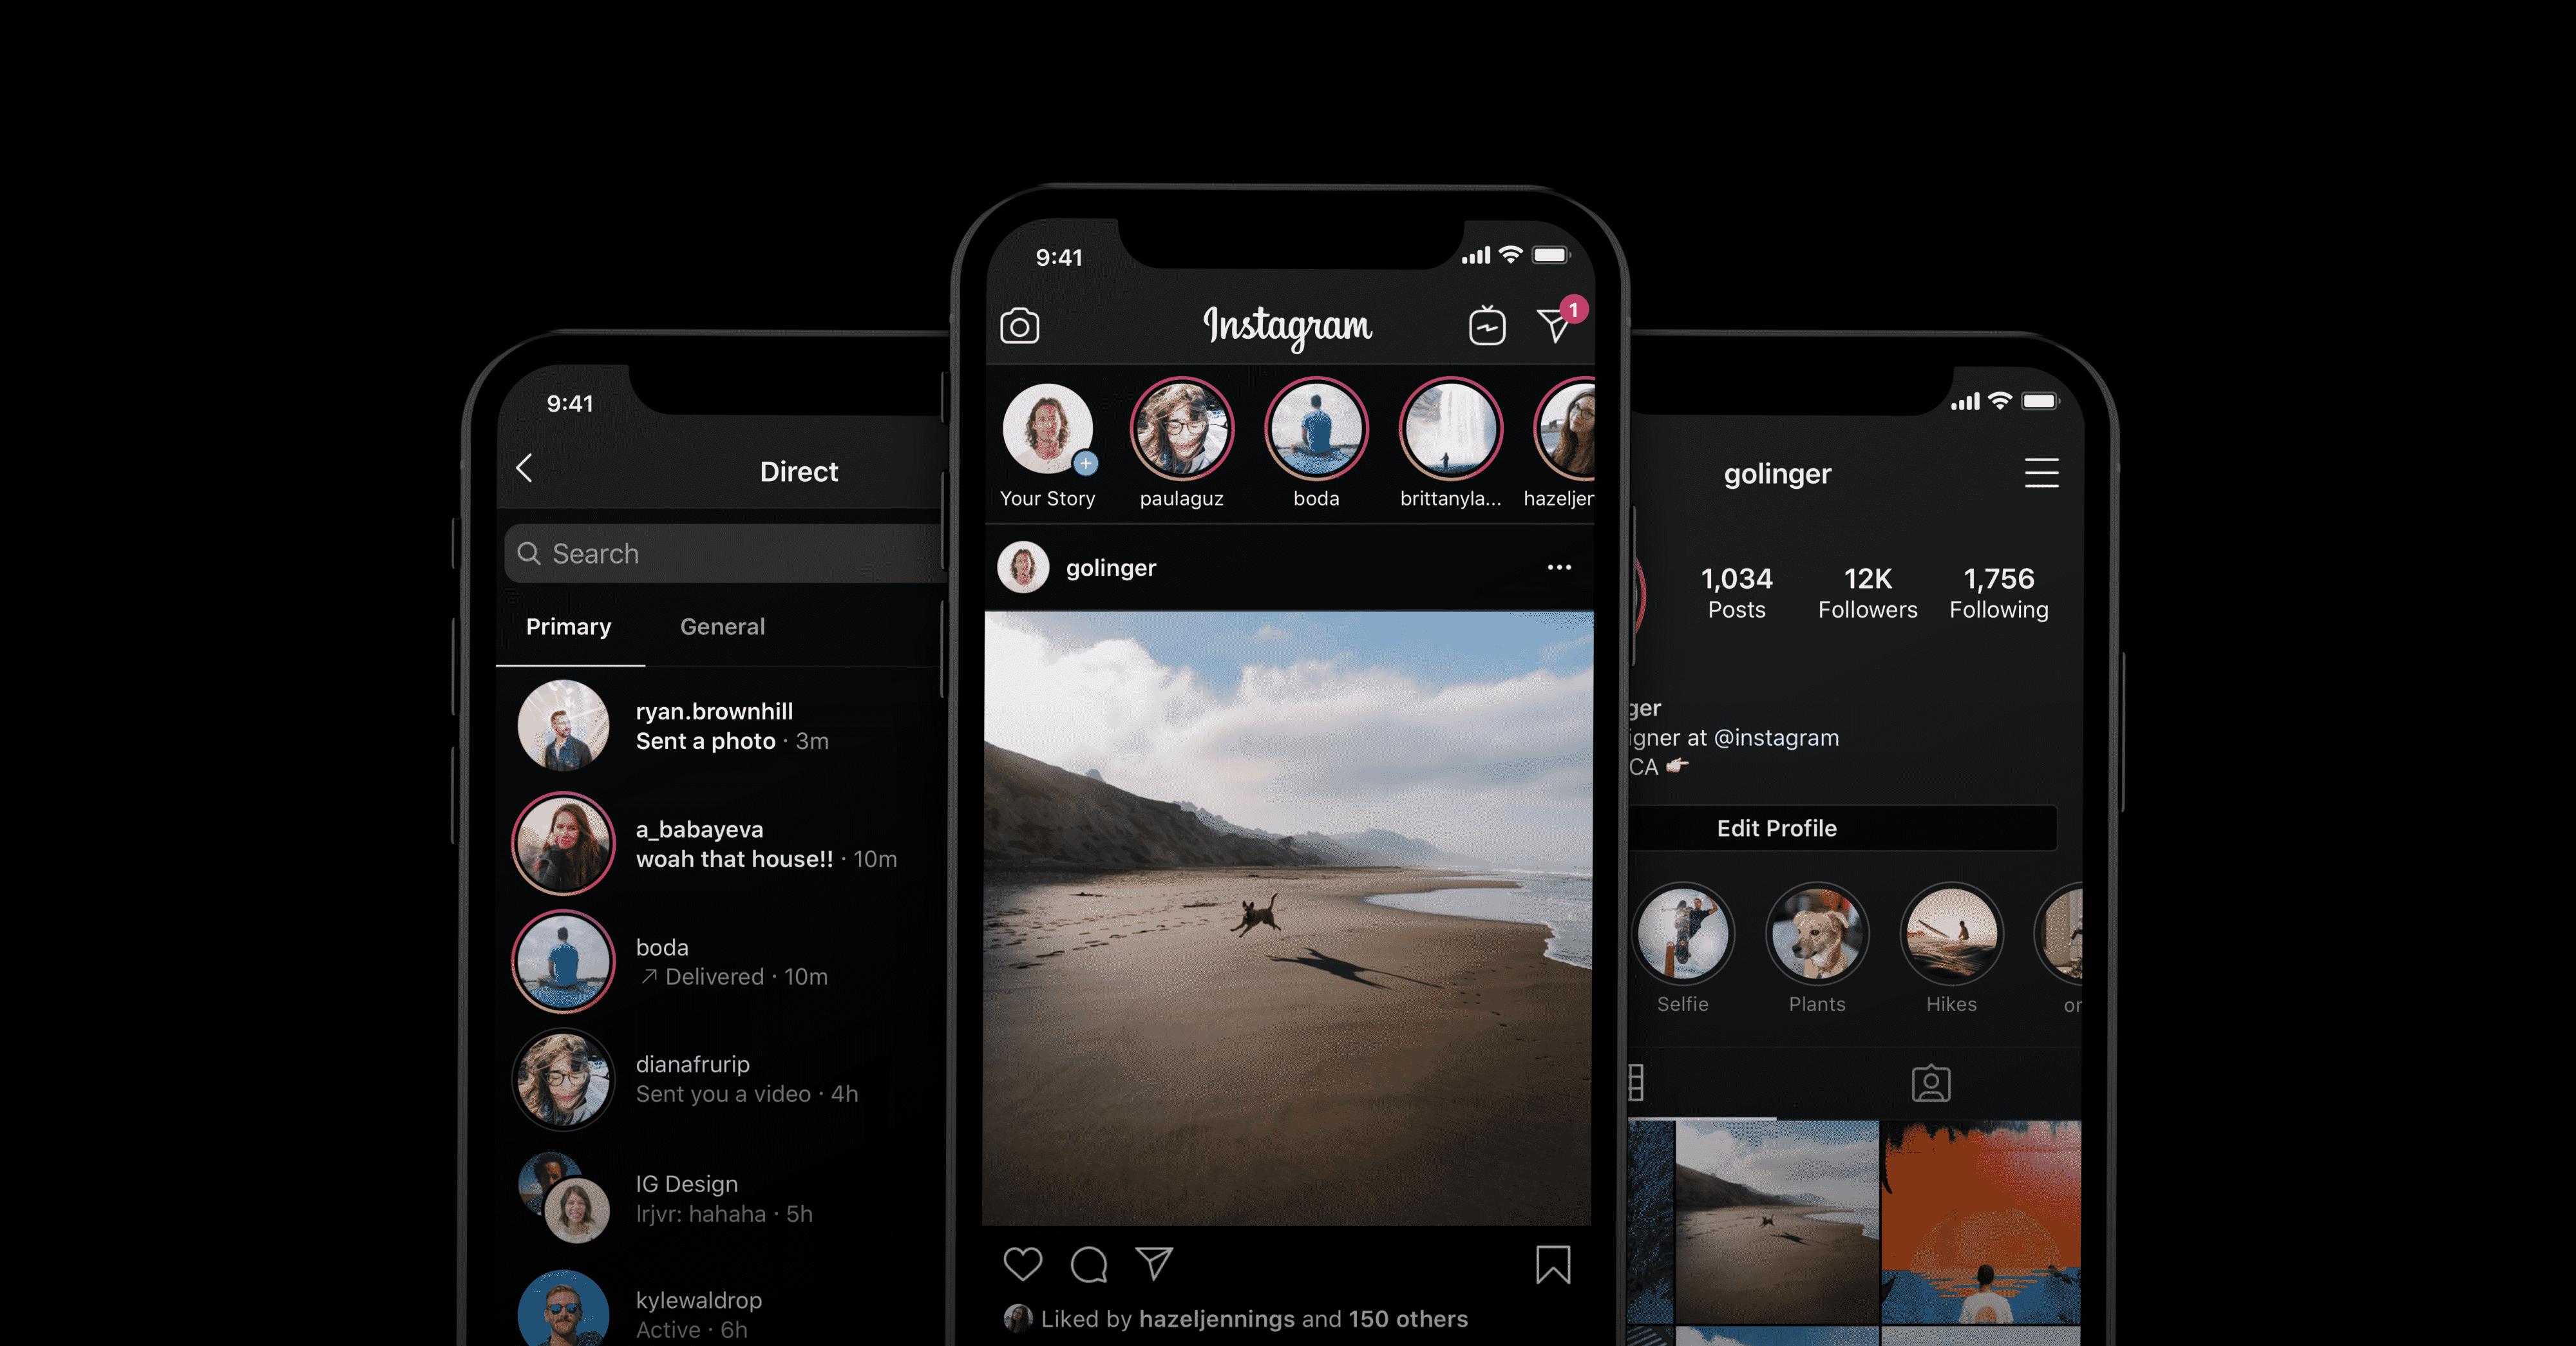 Tiga Fitur Baru Instagram, Mulai dari Dark Mode Hingga Batasi Stalking